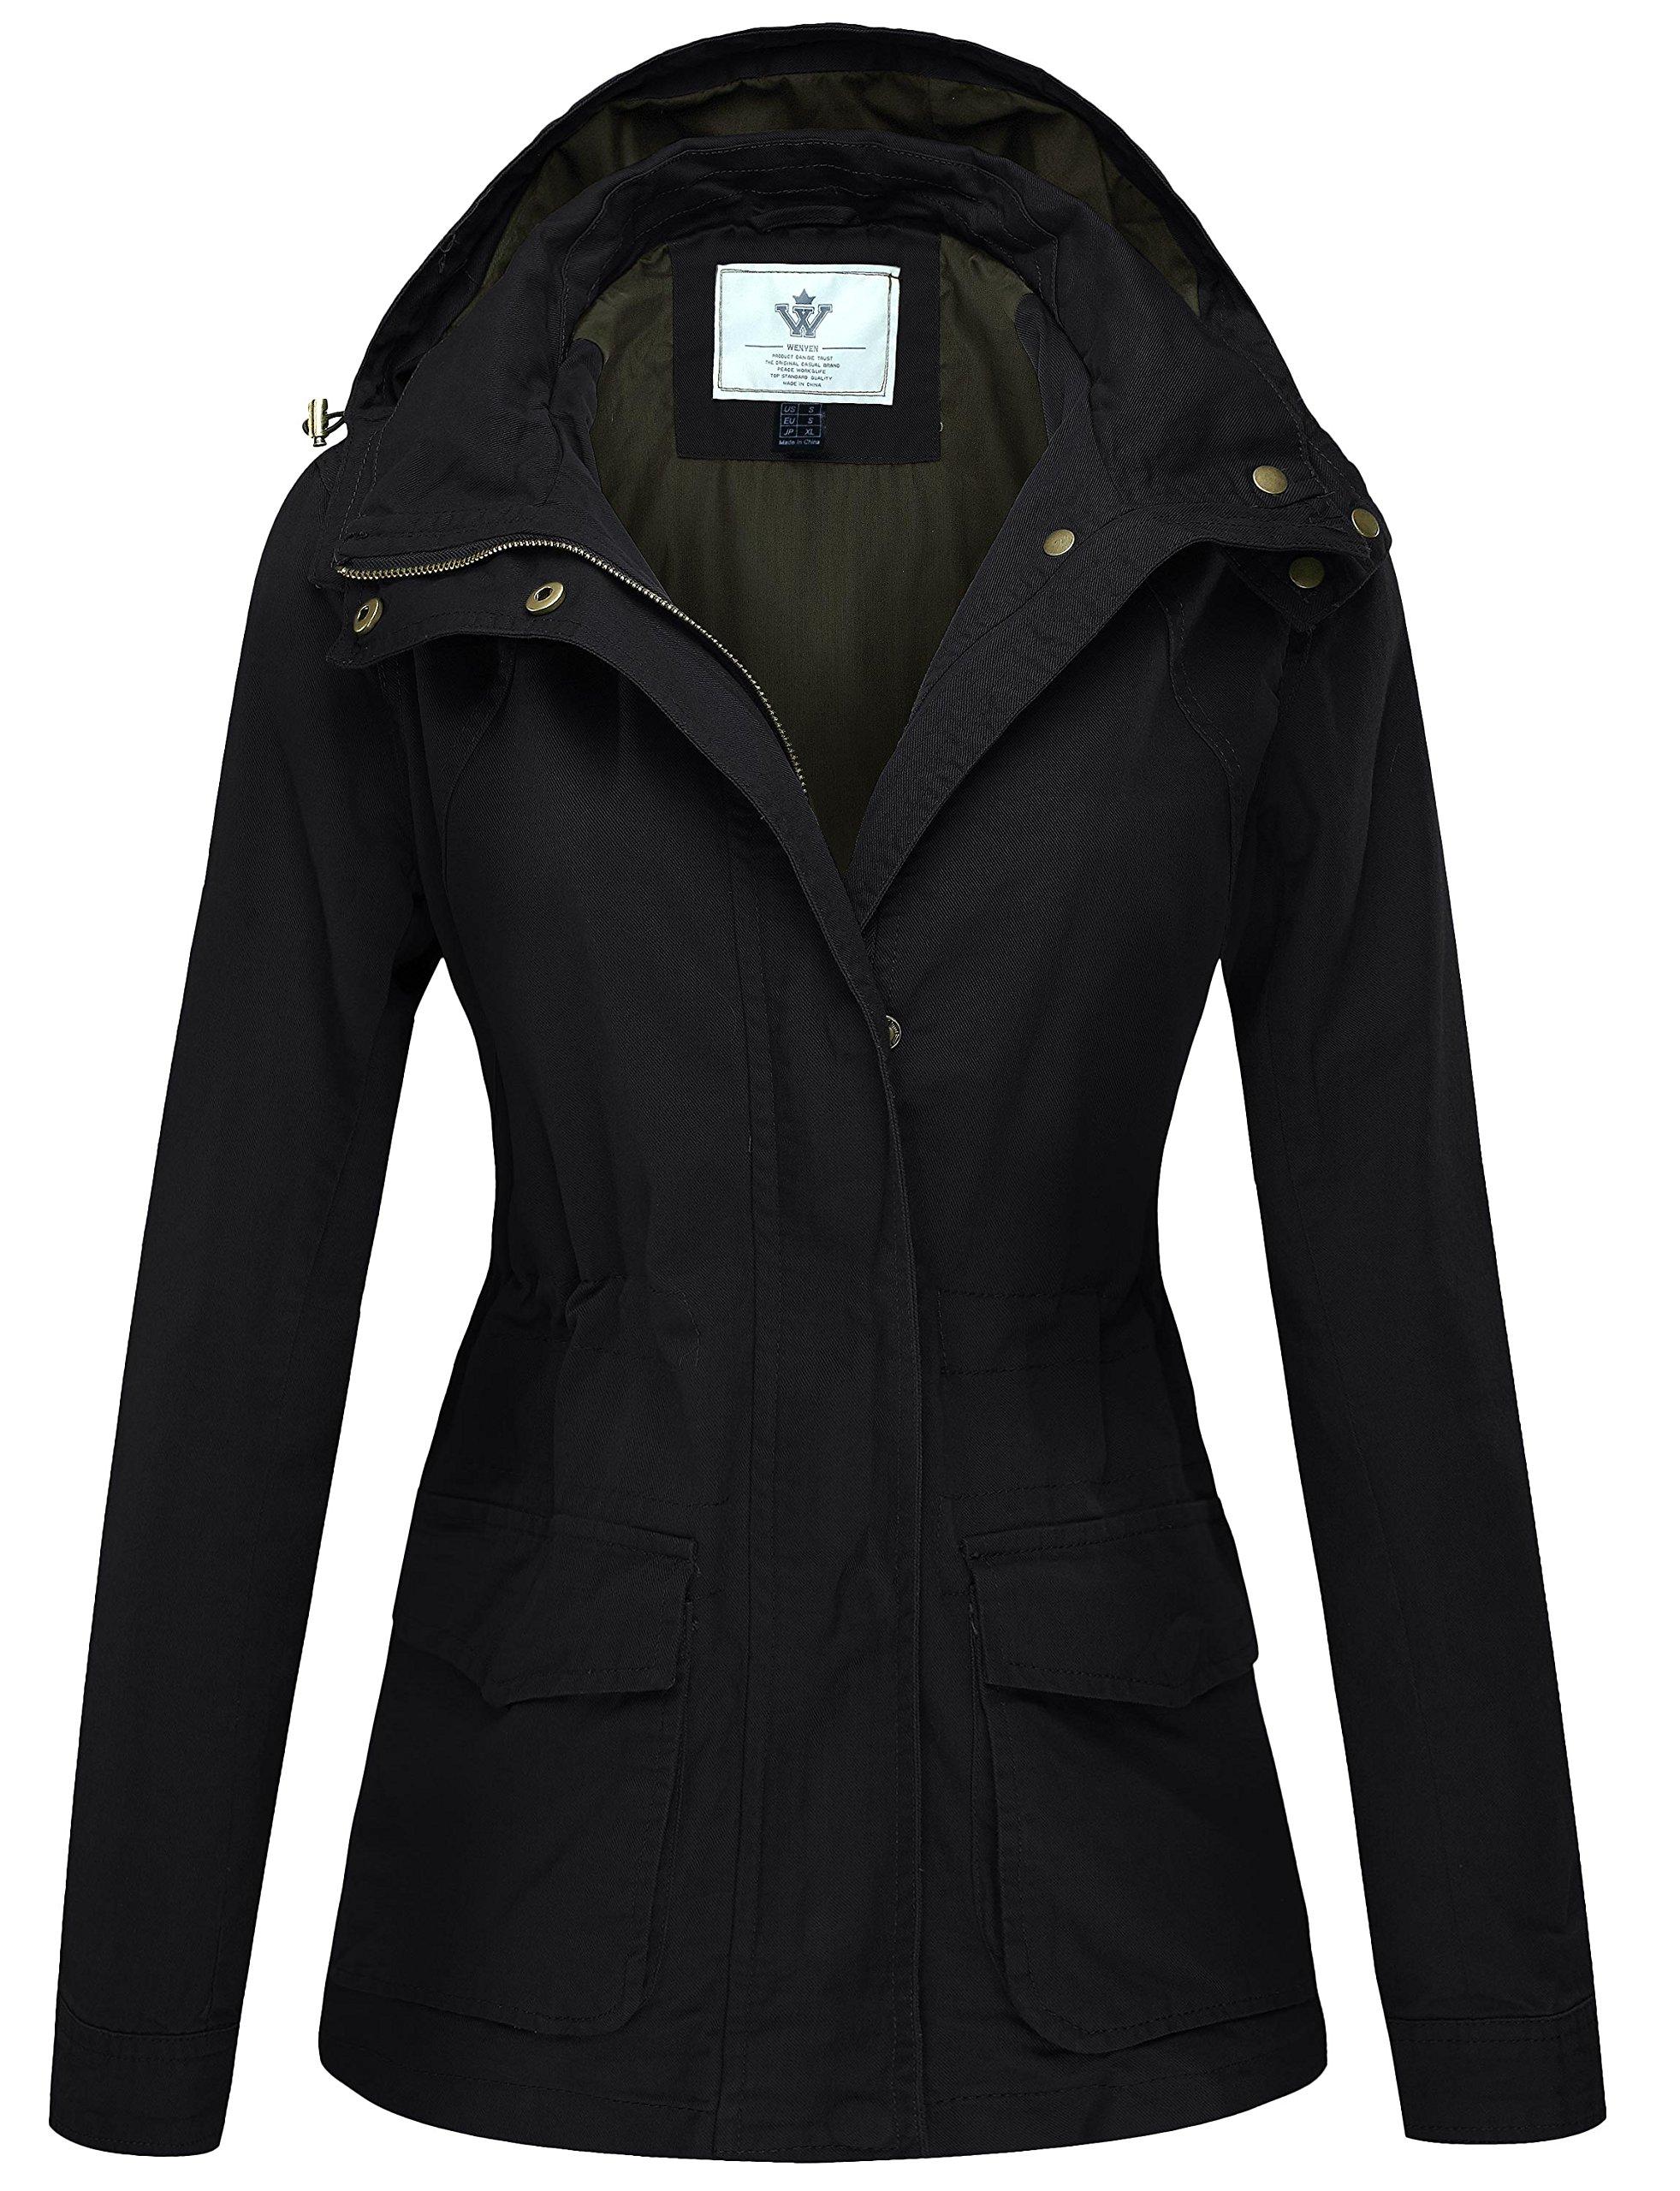 WenVen Women's Versatile Military Anorak Street Fashion Hoodie Jacket(Black,3XL) by WenVen